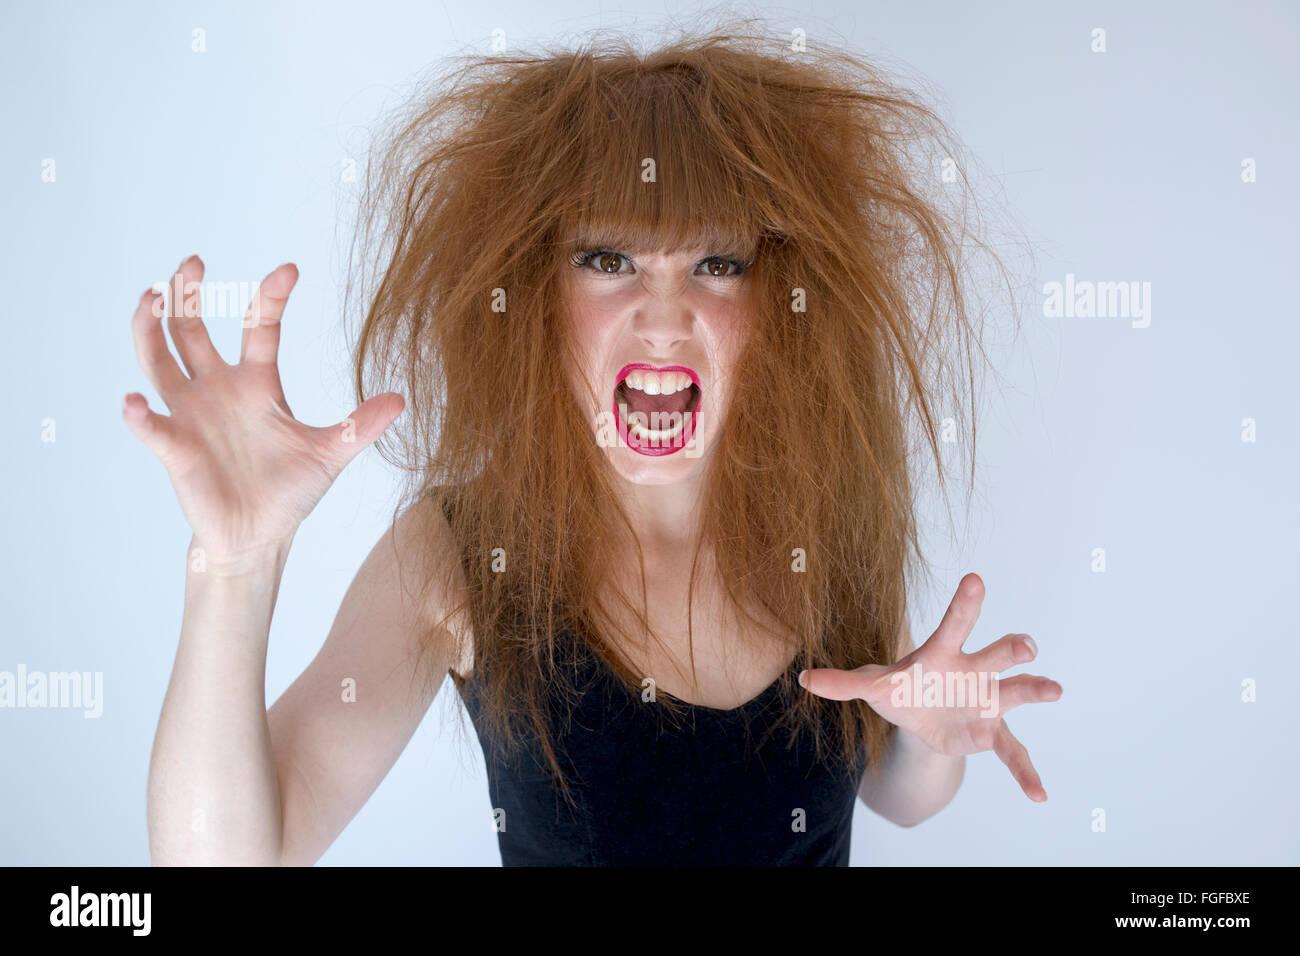 Donna con aggrovigliati disordinati capelli lunghi marrone attorno alla lotta urlando Immagini Stock